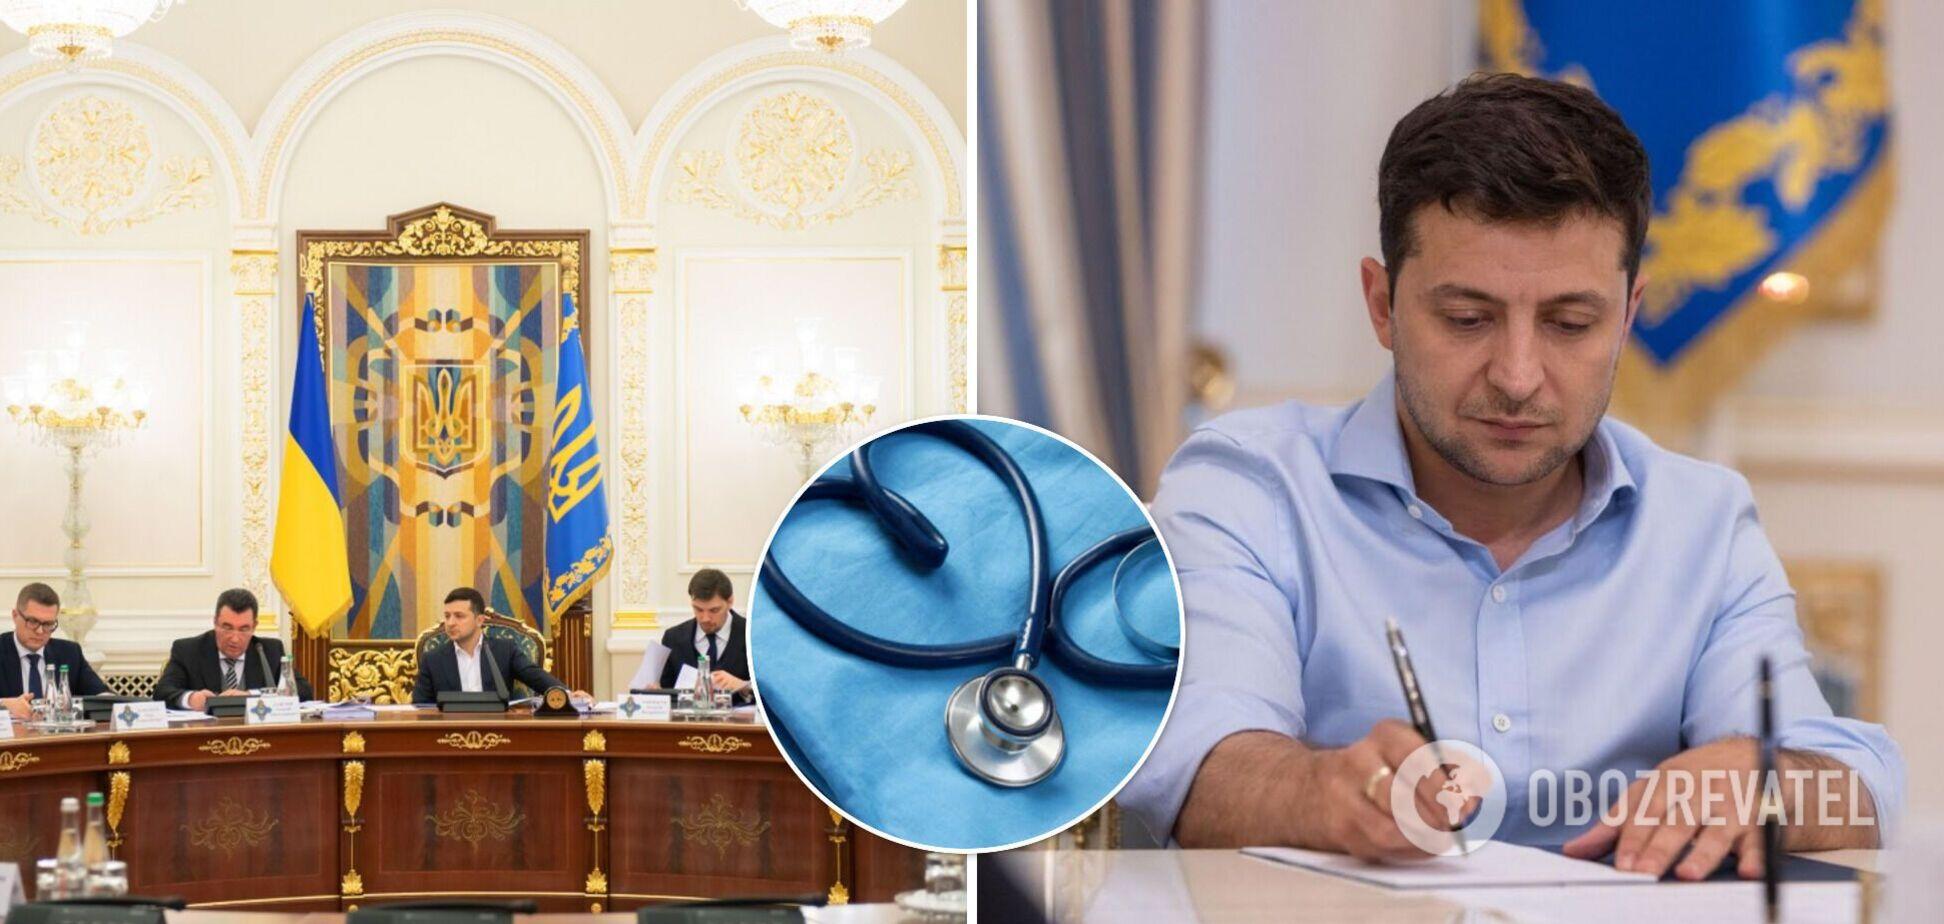 Зеленский перезапустил в Украине медицинскую реформу: что изменится